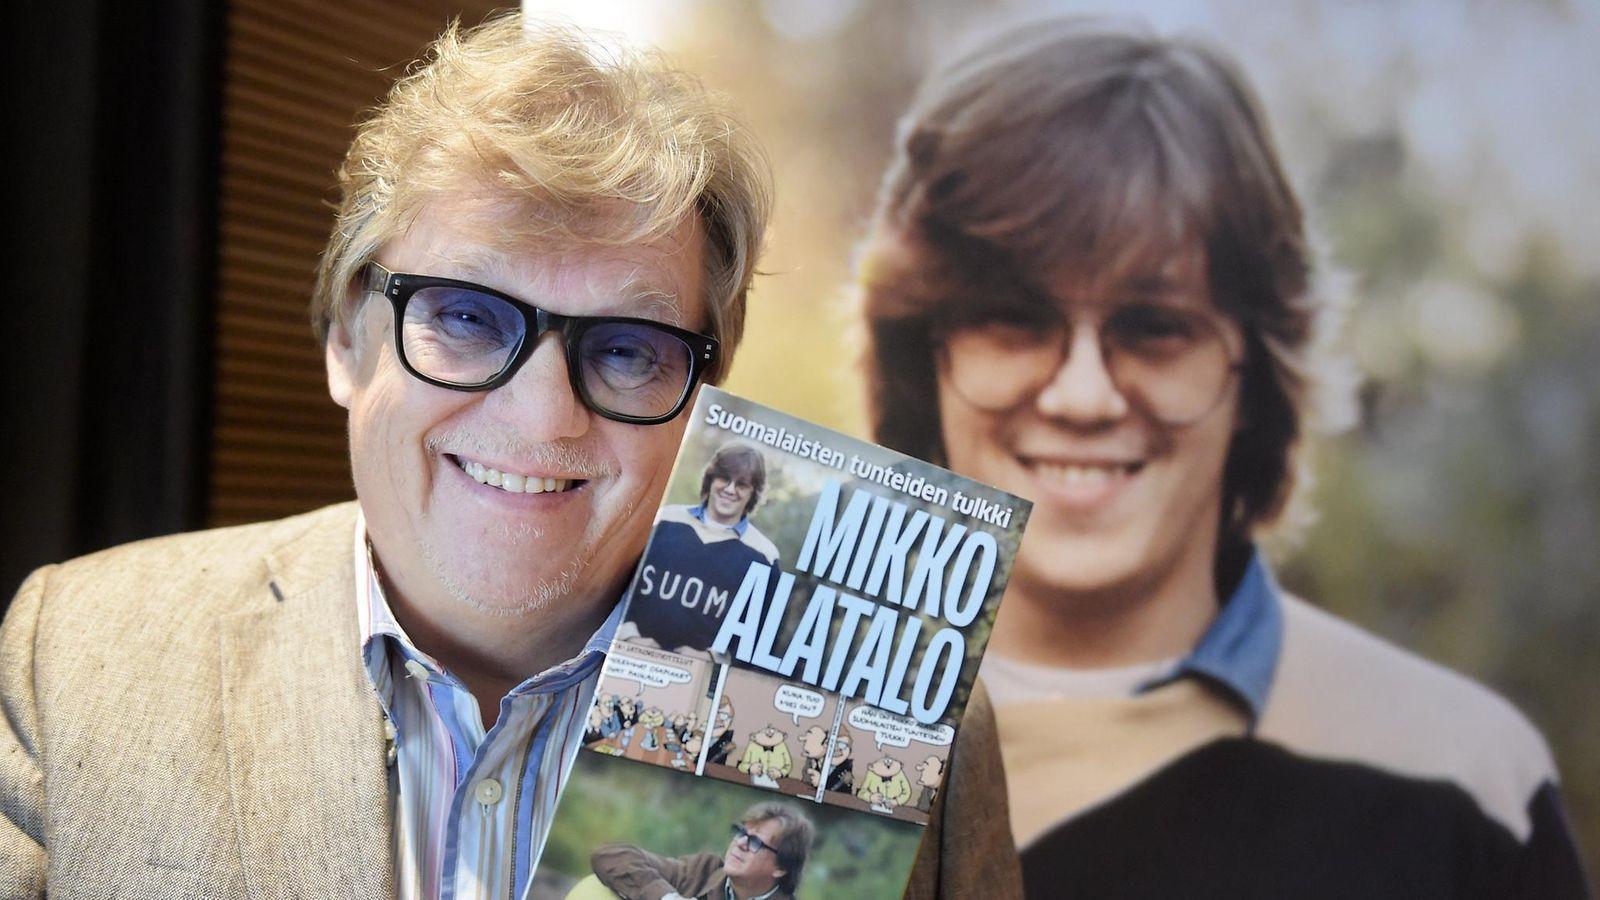 Mikko Alatalo Kappaleet